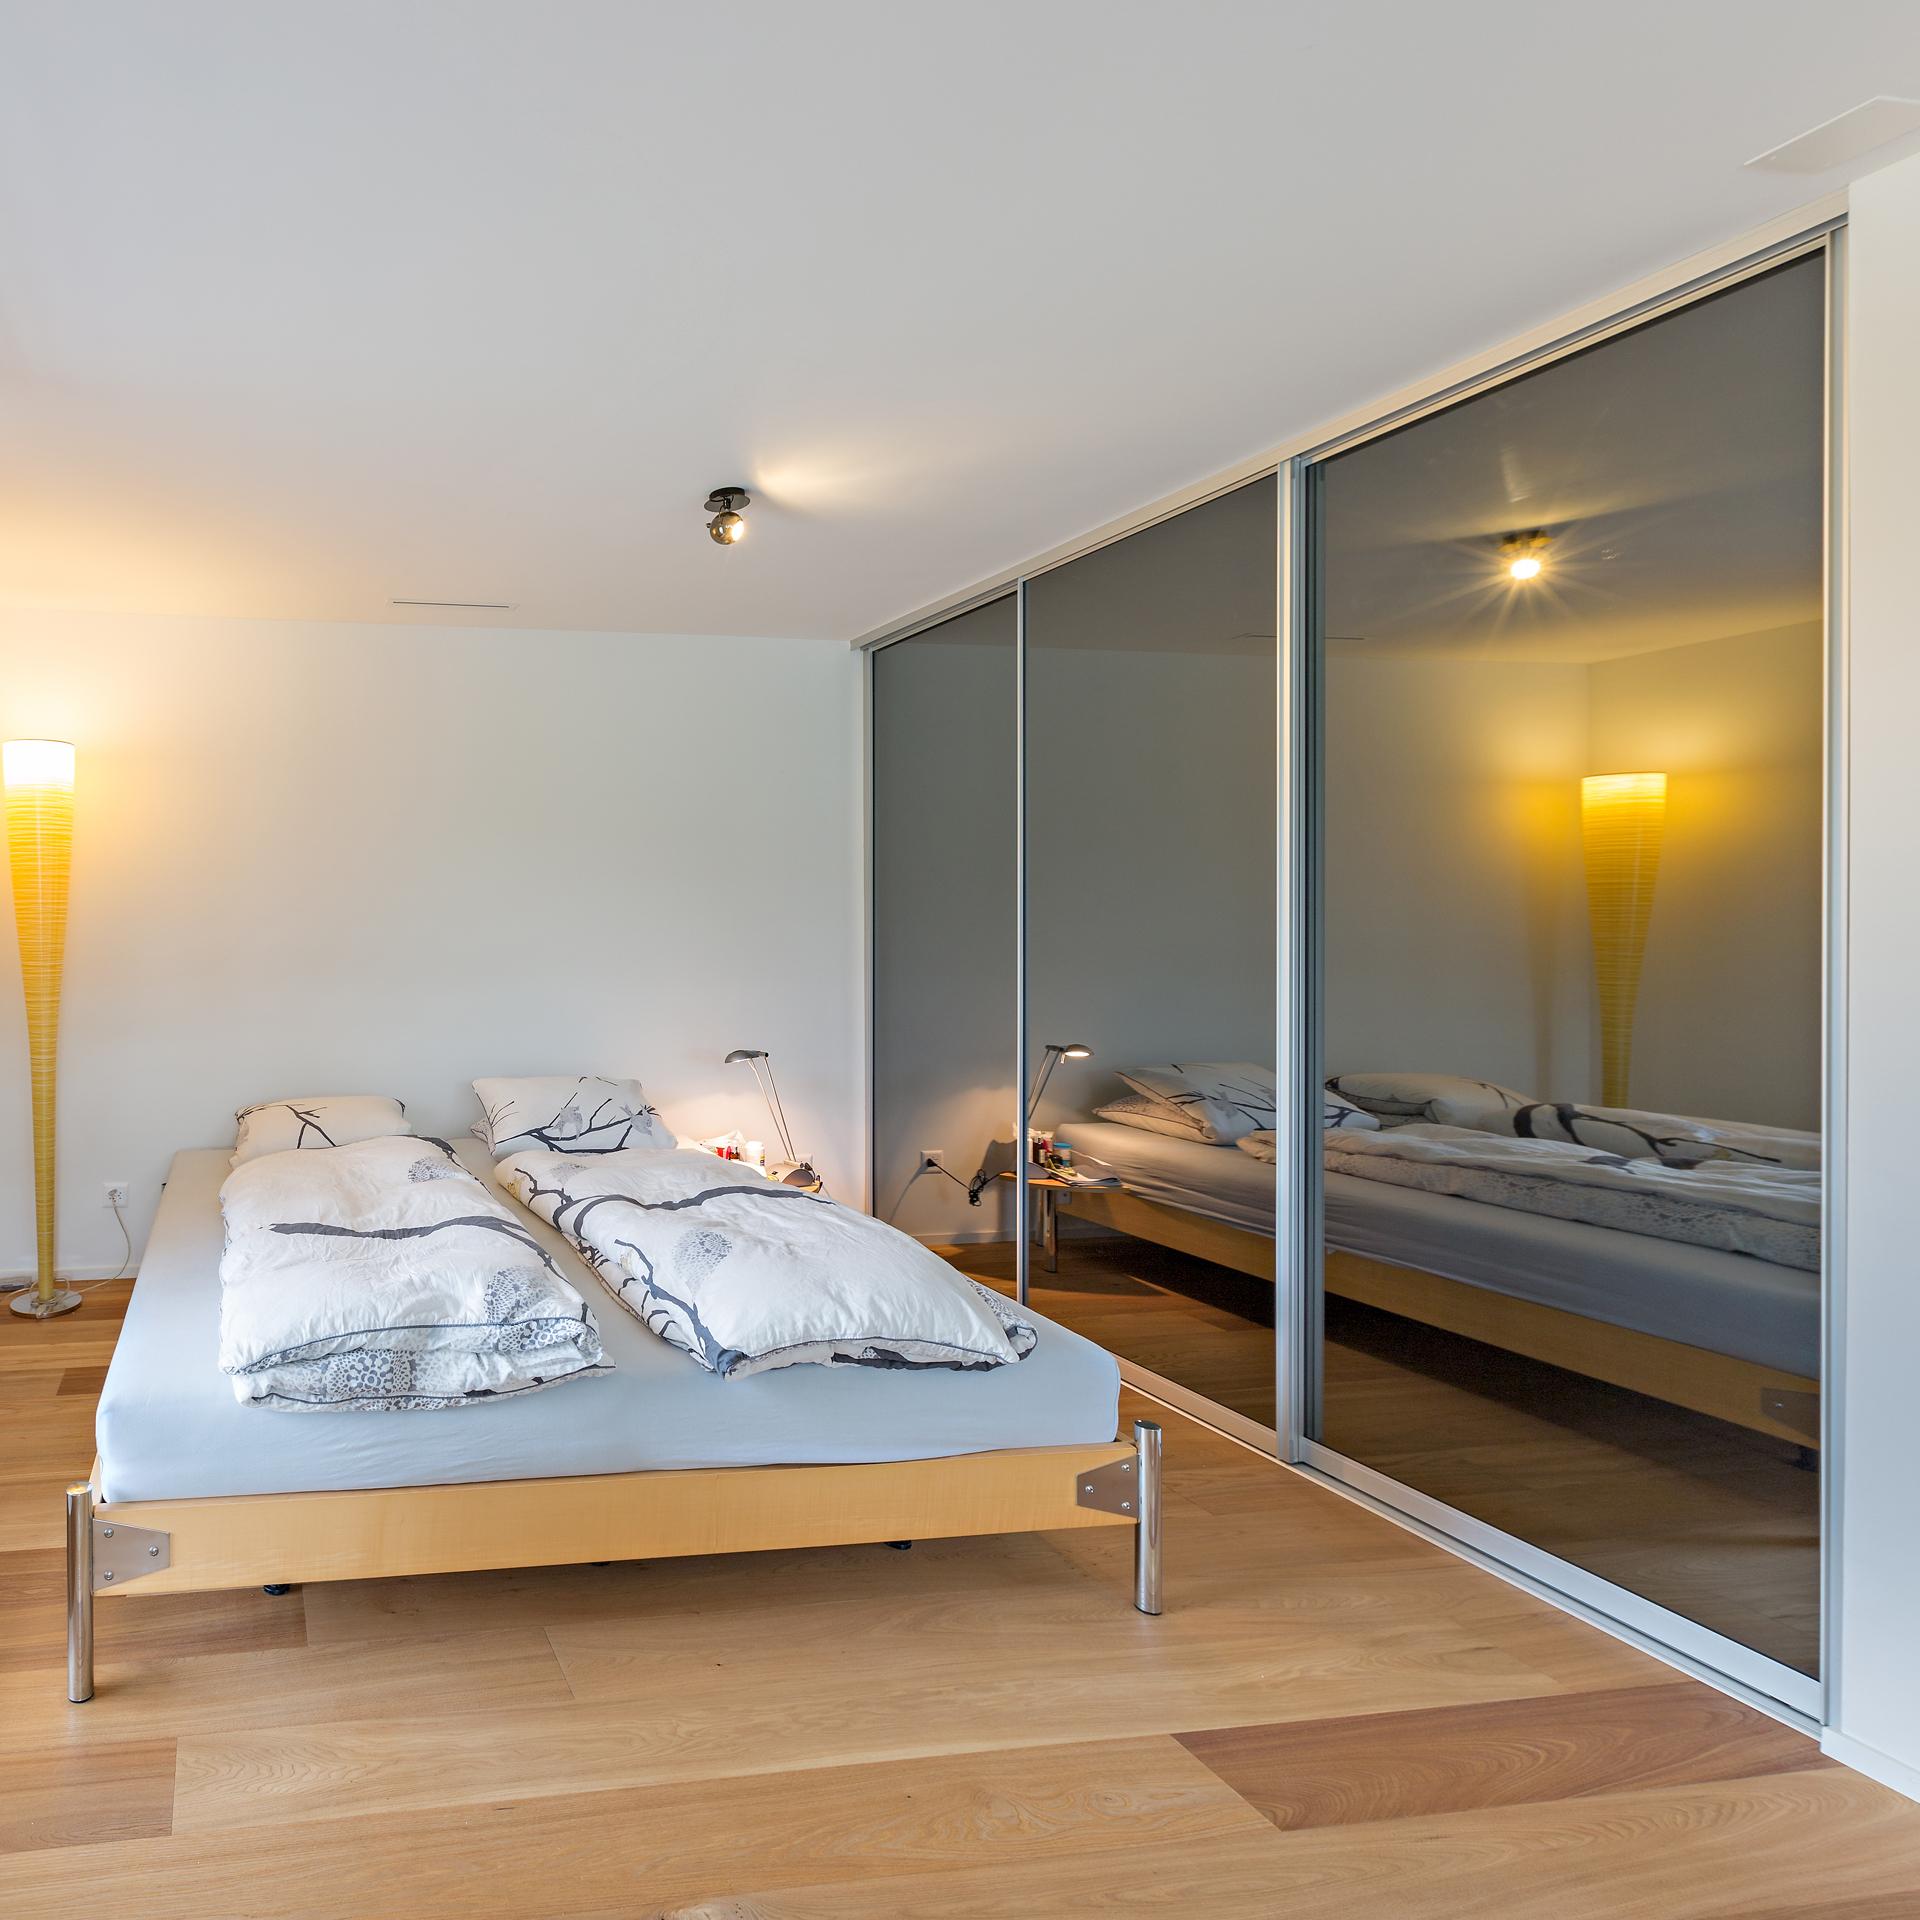 hochwertige schlafzimmer betten schwarz wei gestreifte. Black Bedroom Furniture Sets. Home Design Ideas